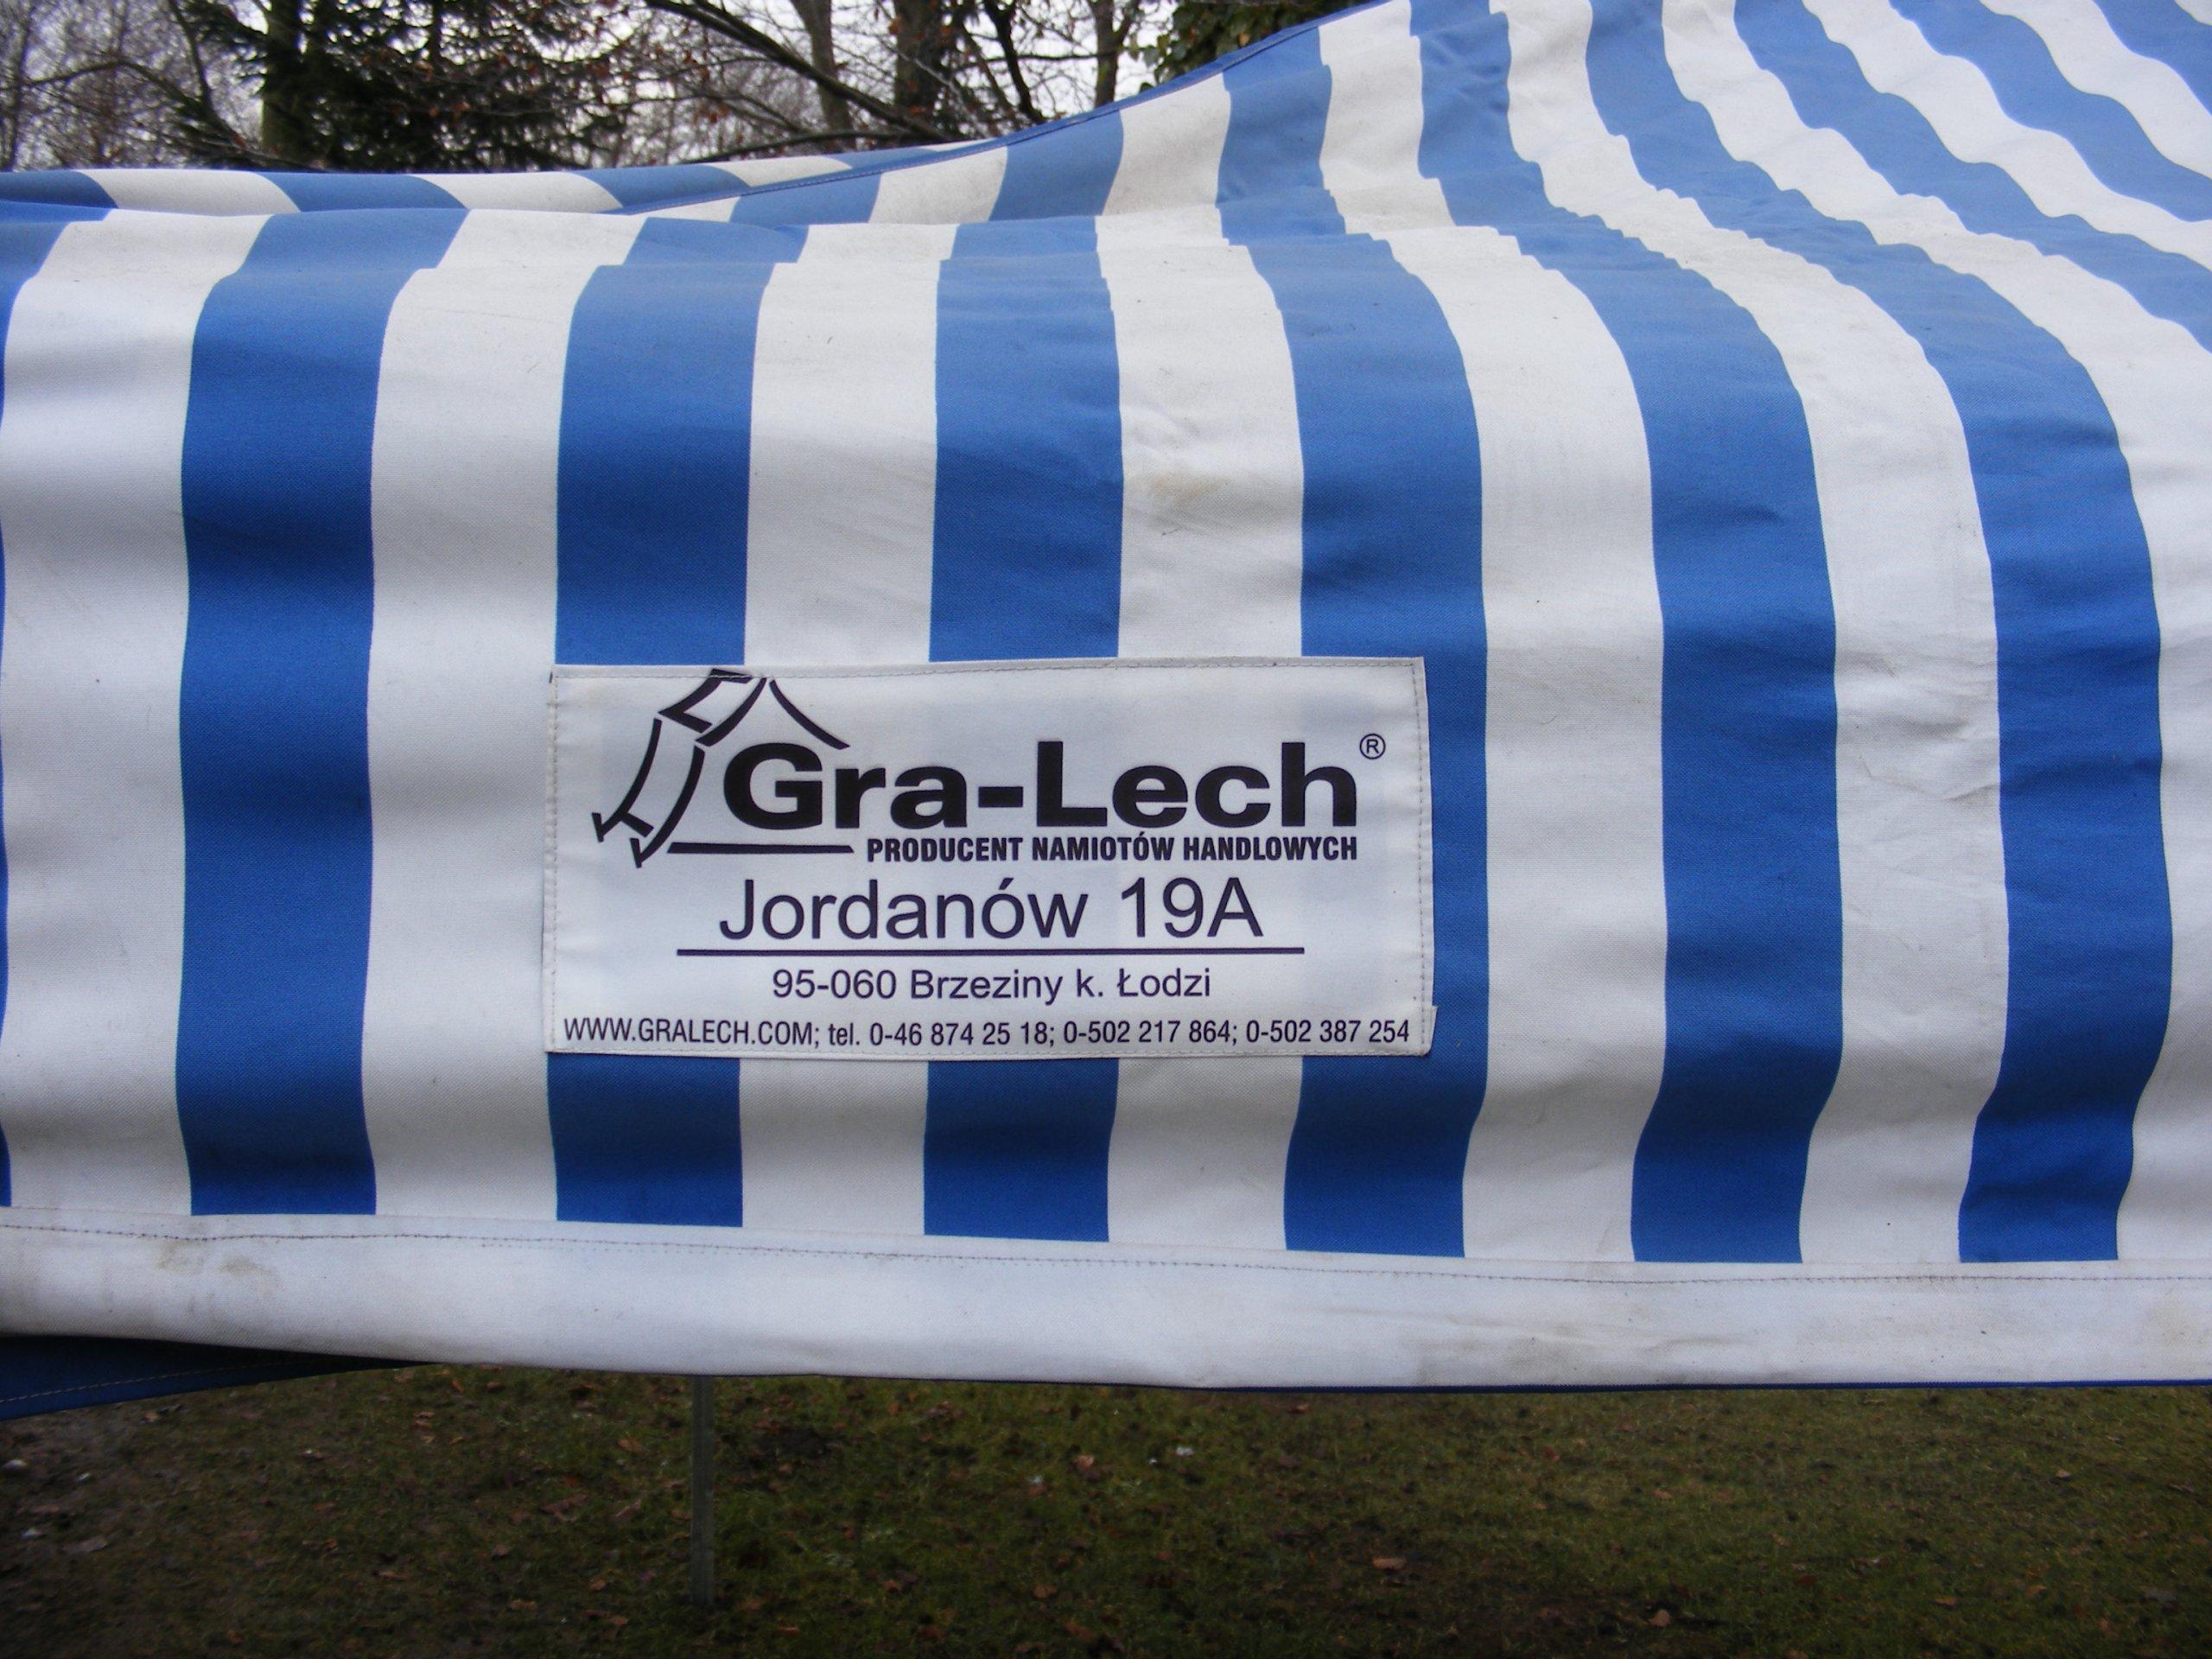 Zupełnie nowe Namiot pawilon handlowy Gra-Lech solidny - 7160607661 - oficjalne LC14